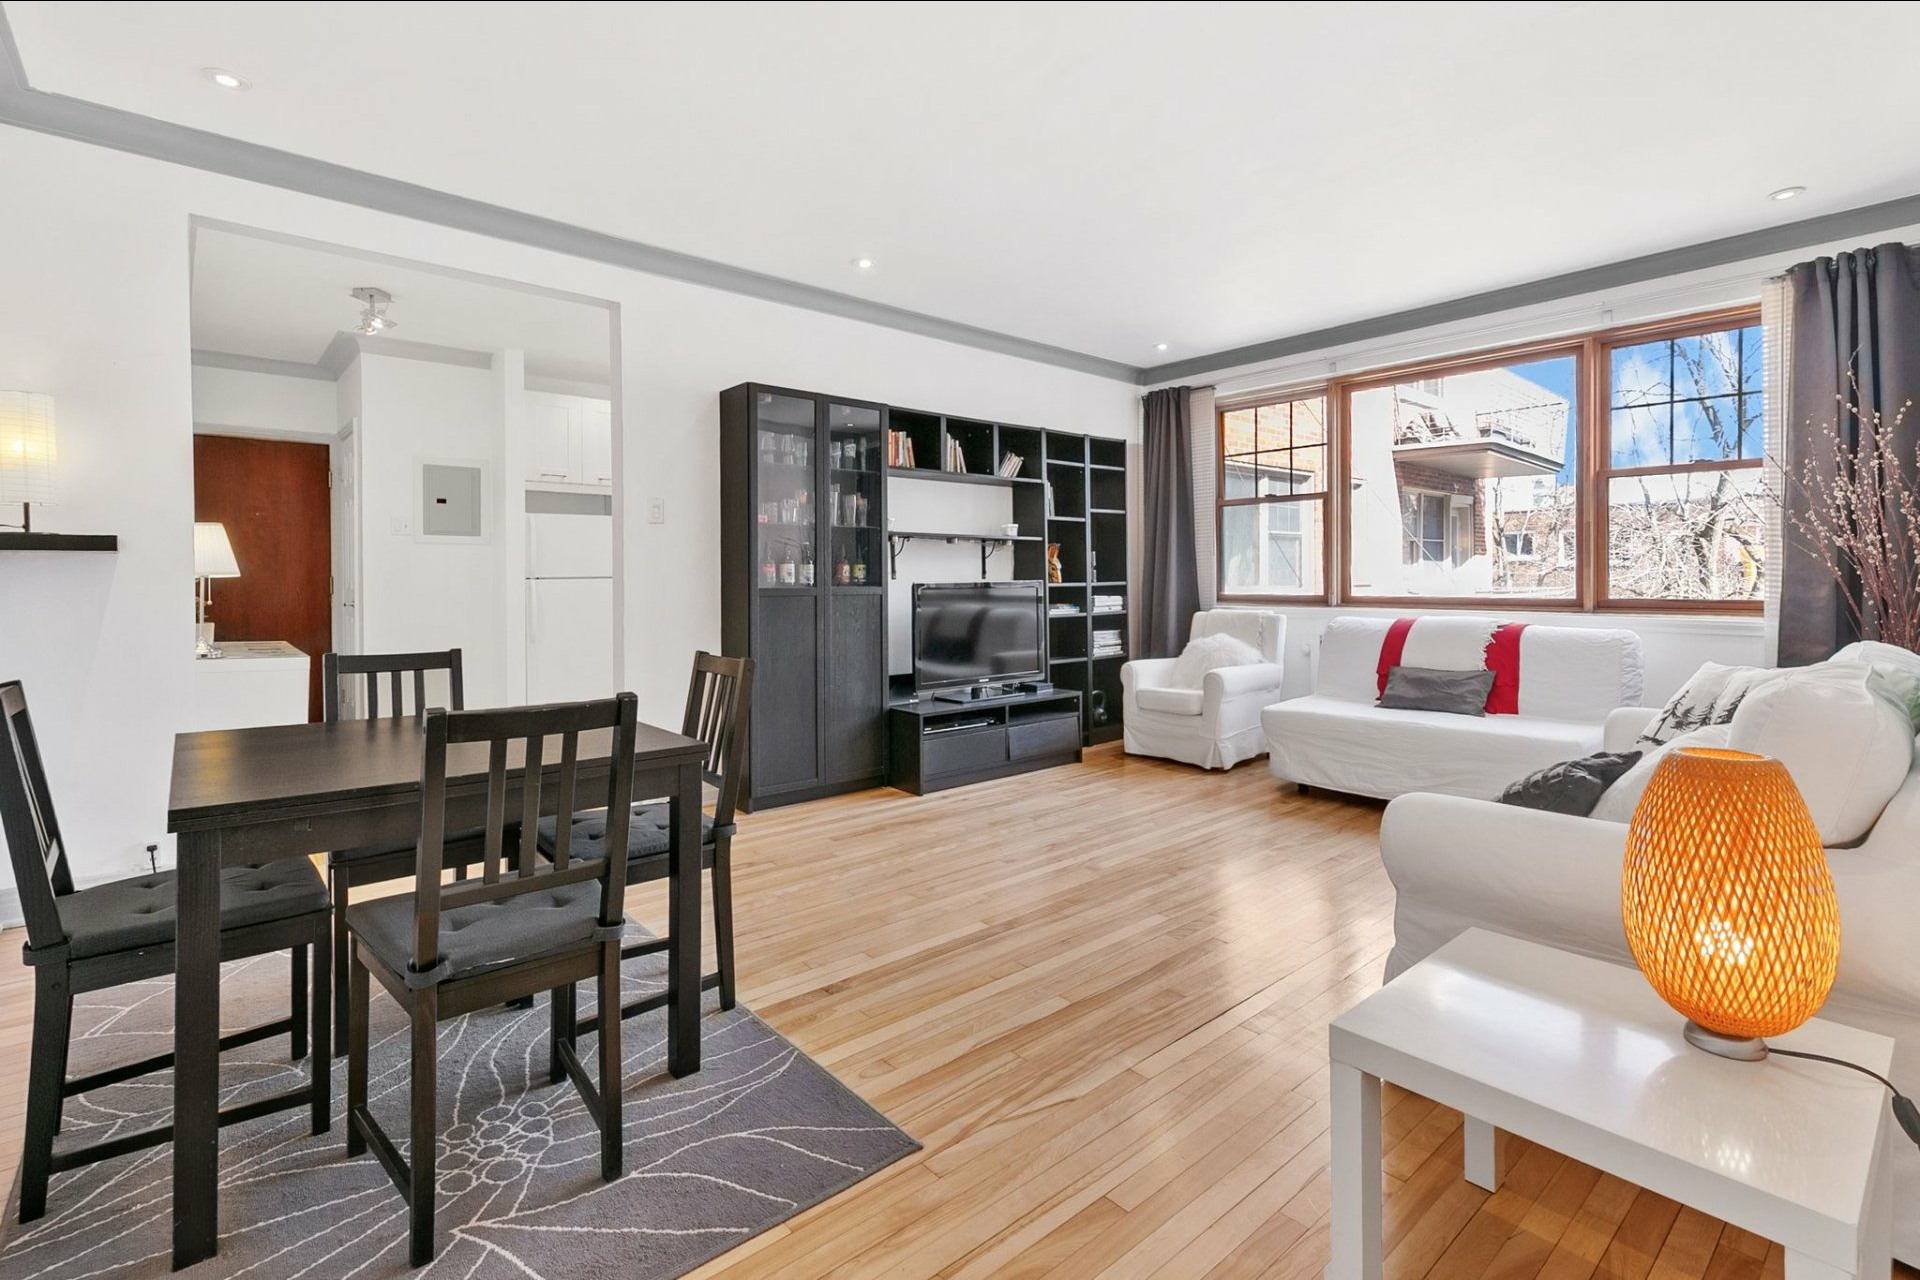 image 11 - Appartement À vendre Côte-des-Neiges/Notre-Dame-de-Grâce Montréal  - 5 pièces